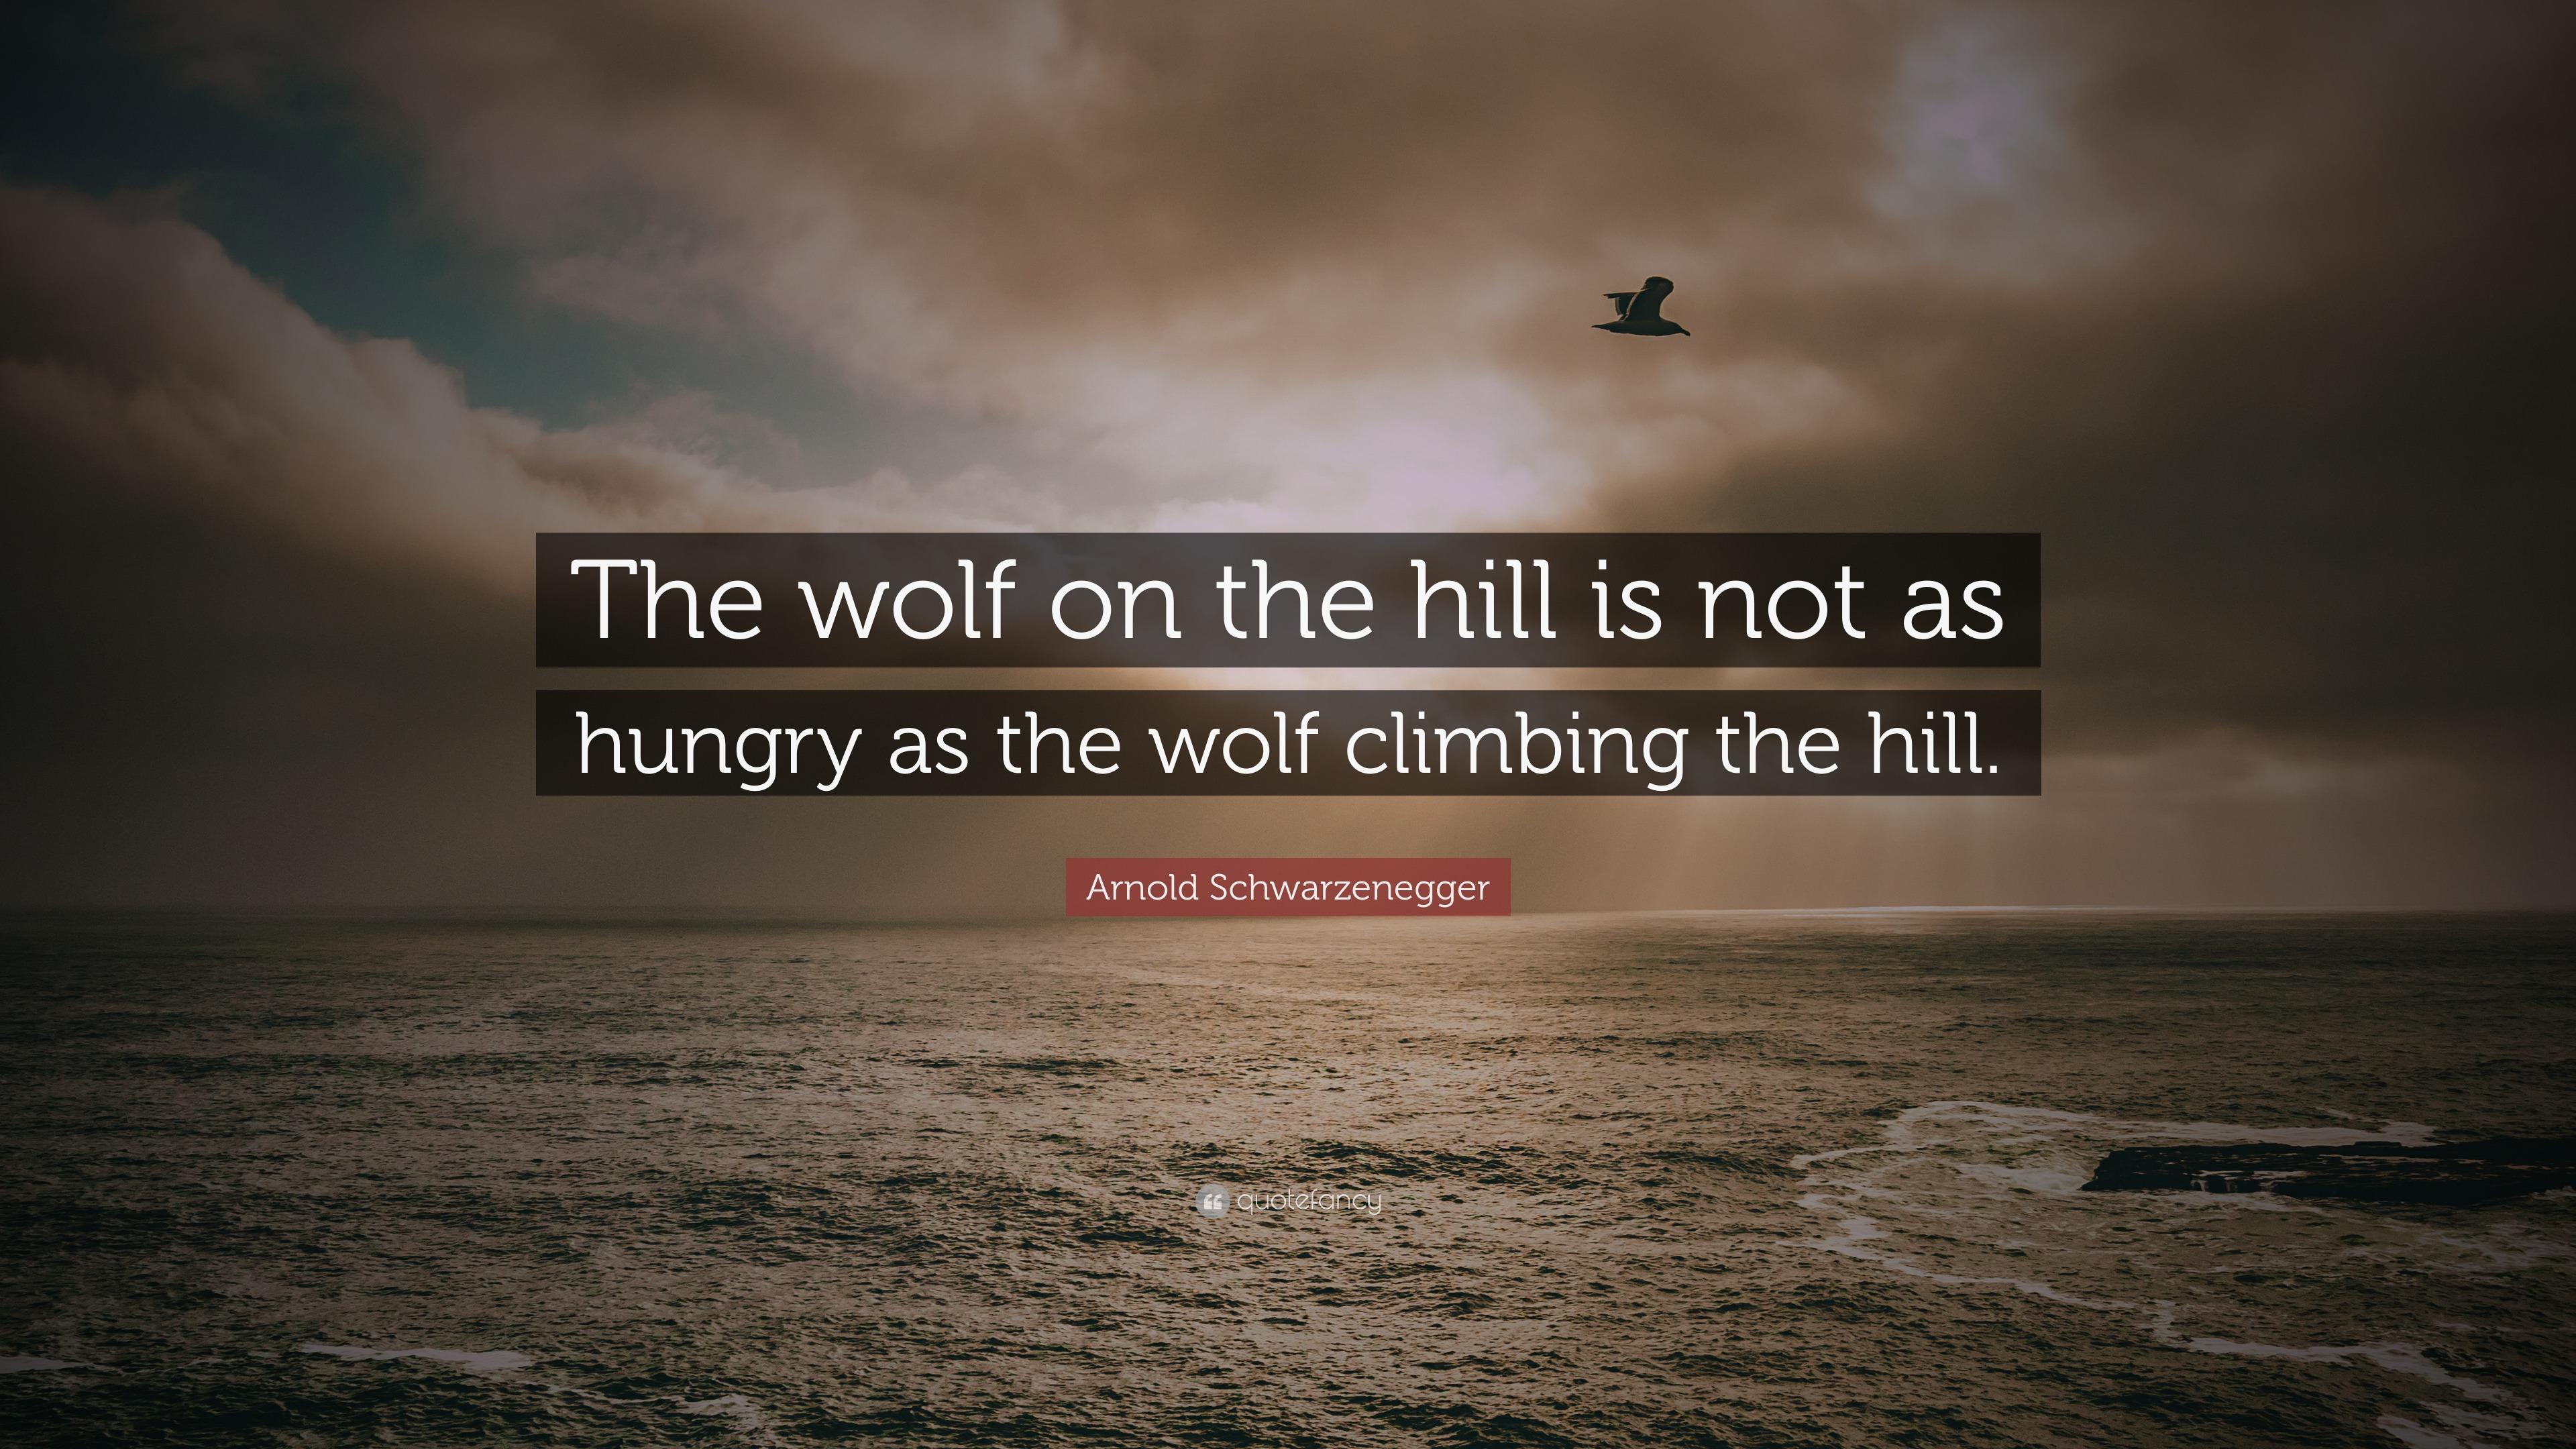 Arnold Schwarzenegger Wallpaper Quotes Arnold Schwarzenegger Quote The Wolf On The Hill Is Not